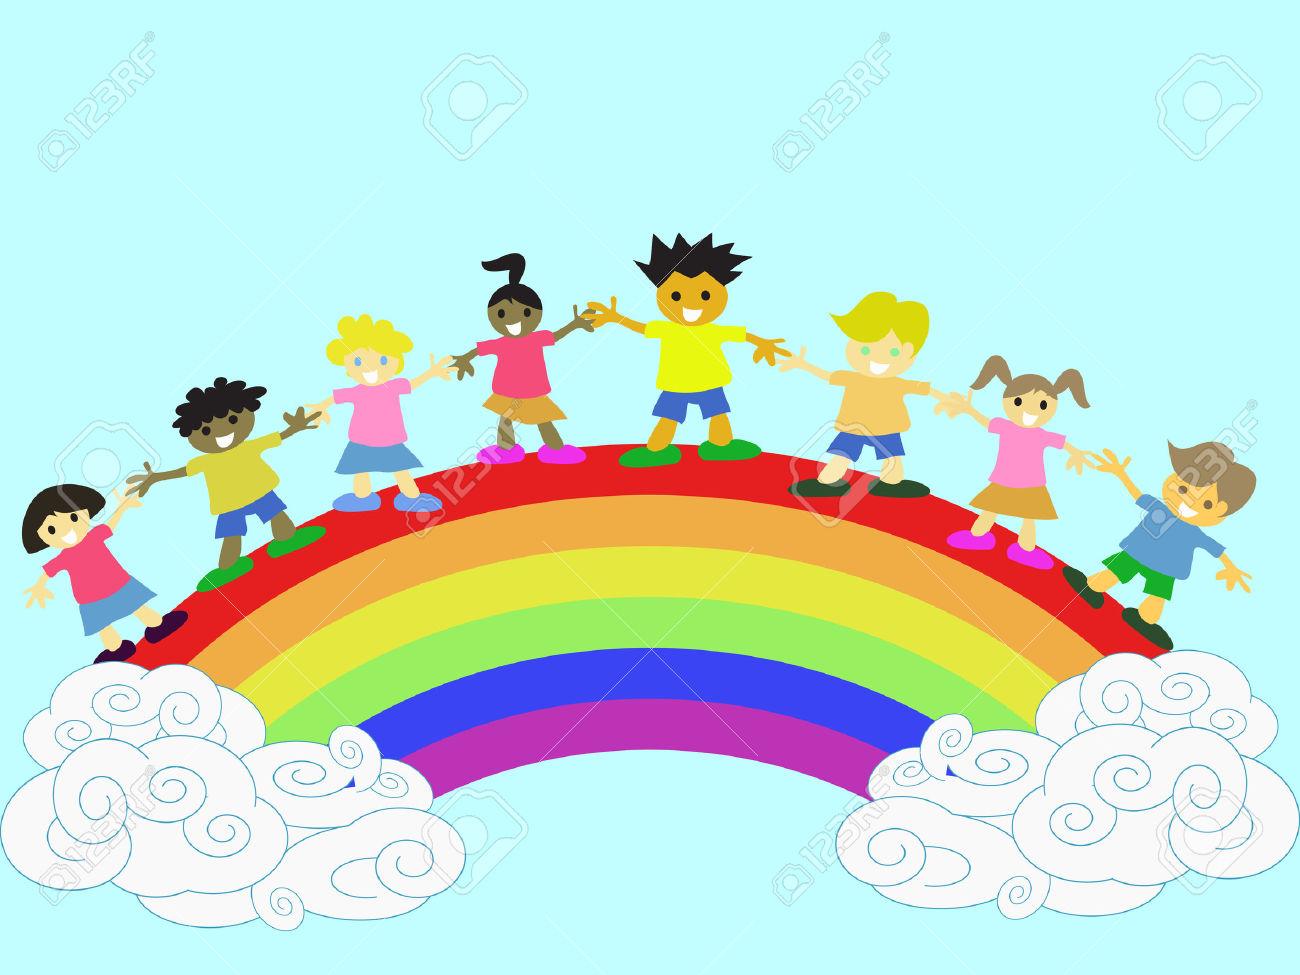 Niños Felices De Mano En Mano En El Arco Iris Ilustraciones.